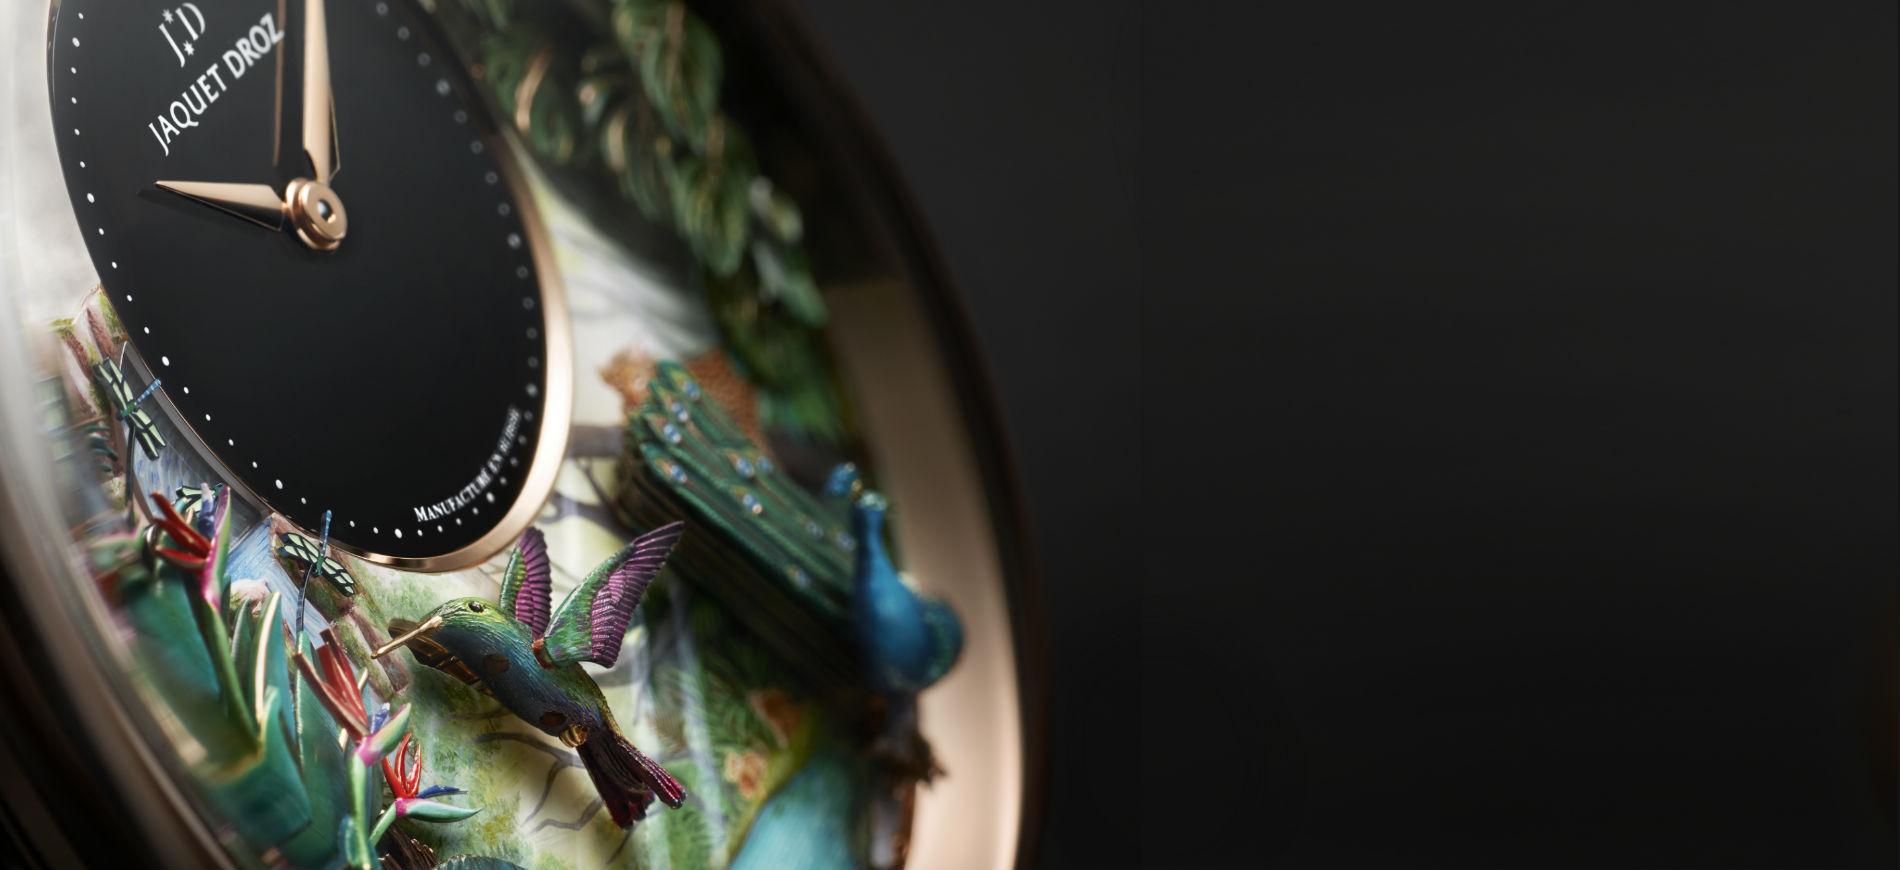 Jaquet Droz: Uno scatto del vernissage della mostra The Story of the Unique, in programma dal 4 al 15 aprile presso il Flagship Store di Pisa Orologeria in via Verri 7 a Milano.